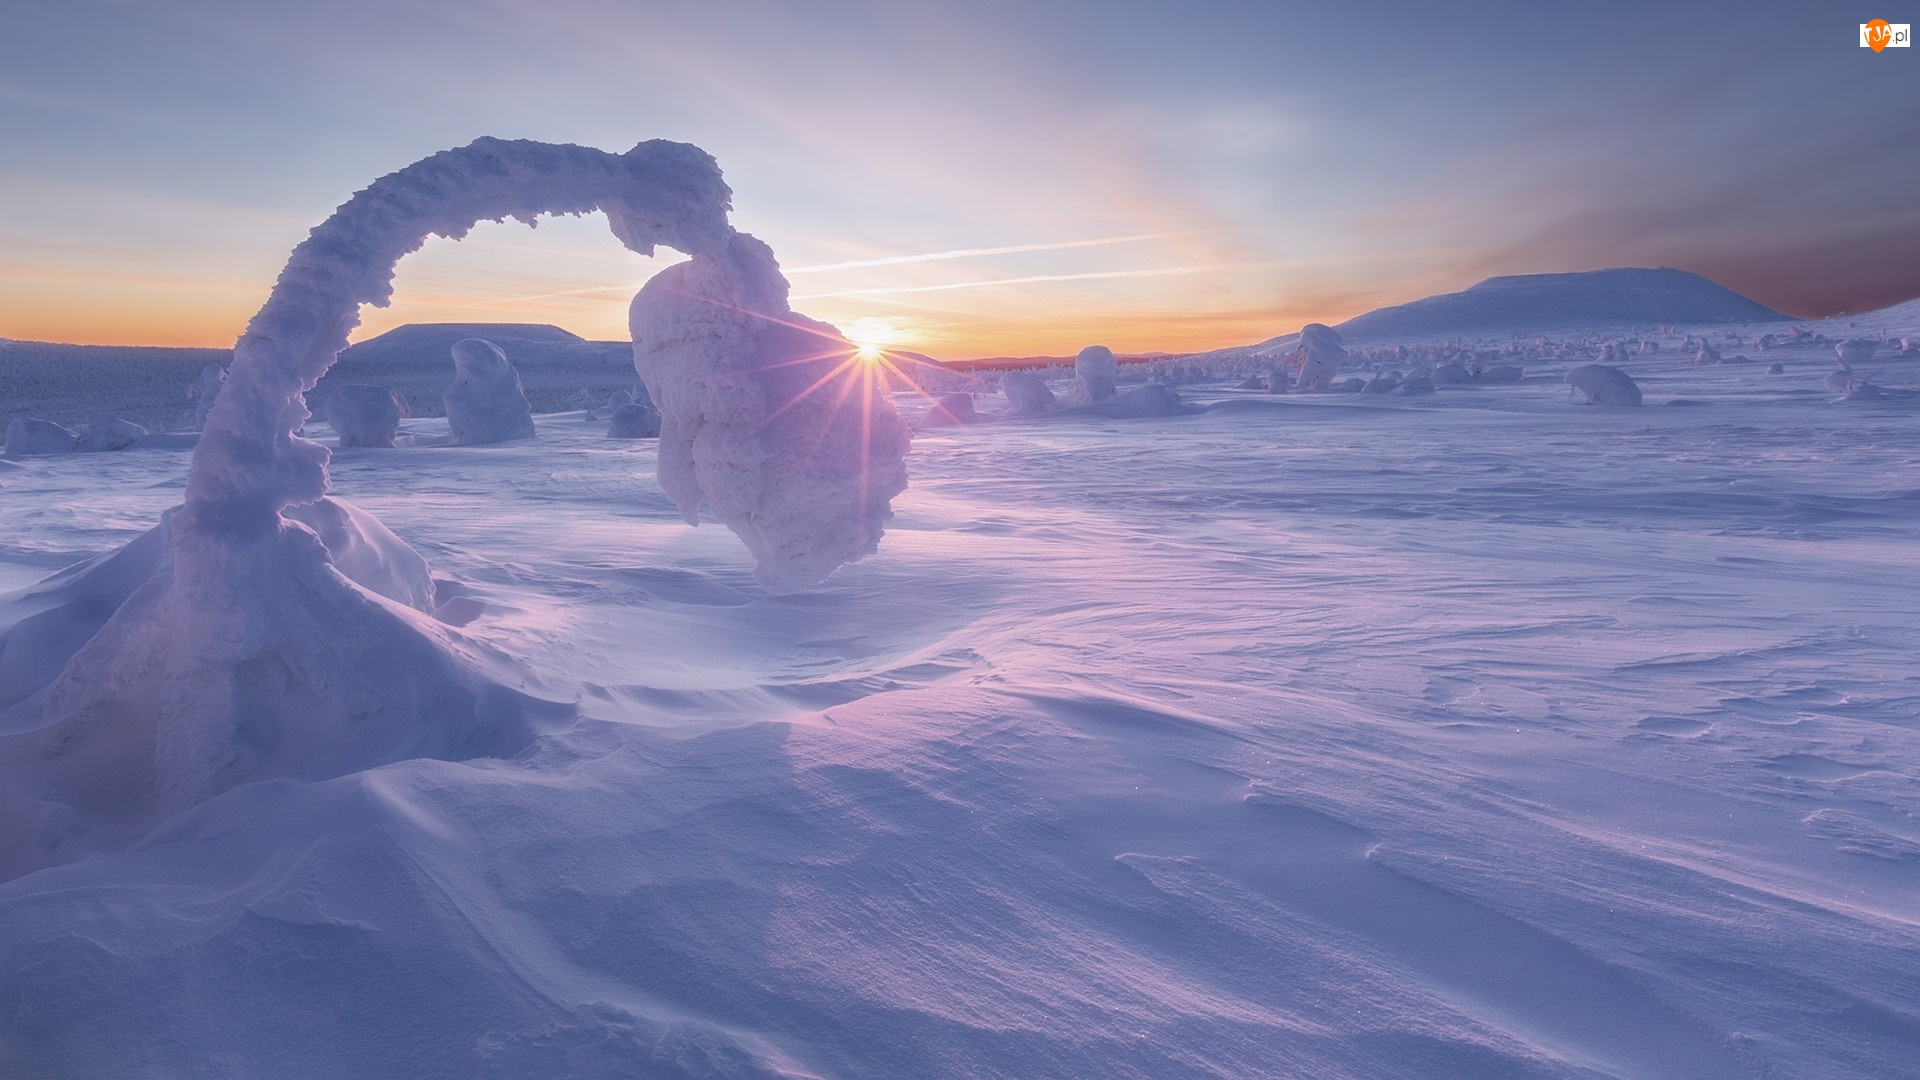 Ośnieżone, Promienie słońca, Góry, Zima, Drzewo